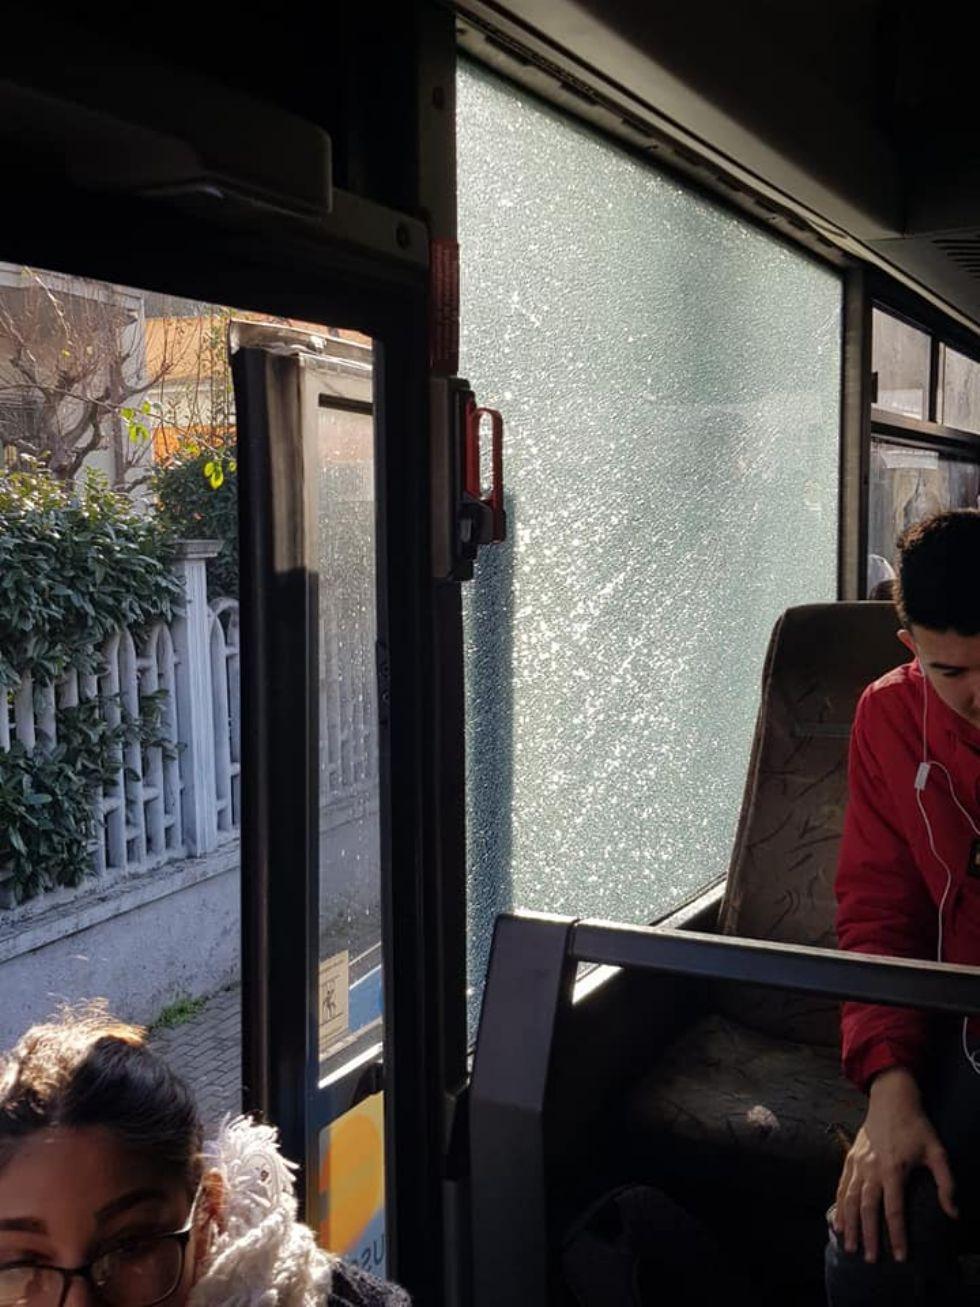 PIOSSASCO - L'autobus prende una buca ed esplode il finestrino: nessun ferito